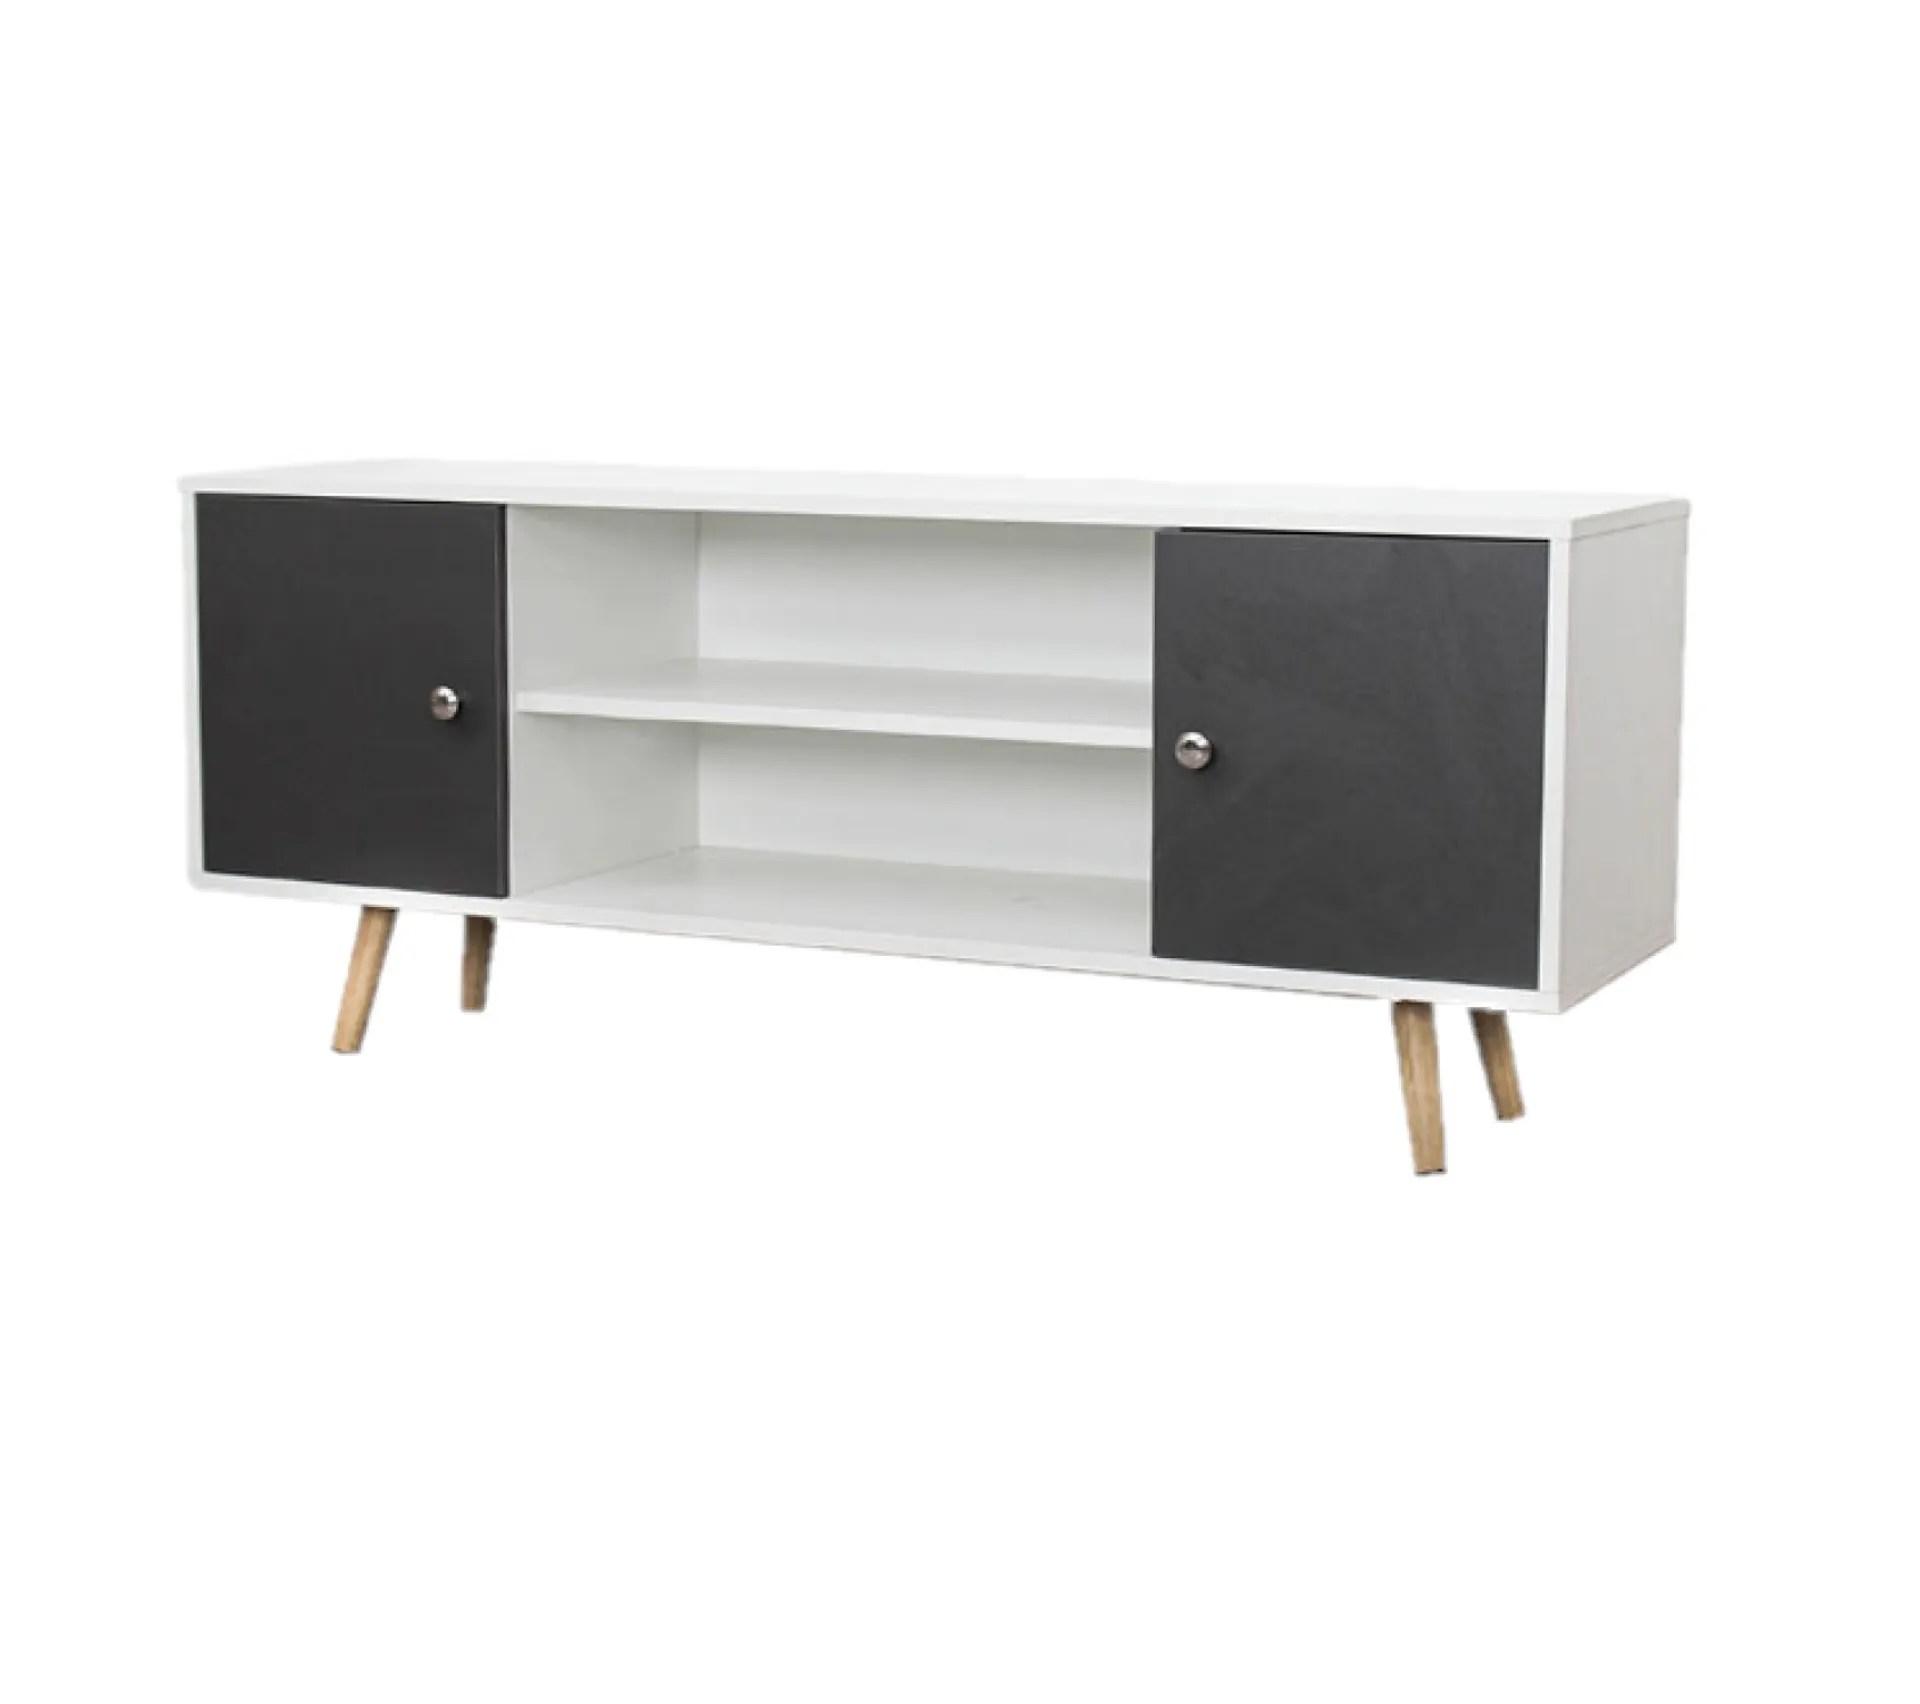 meuble tv design samy l 120 x h 50 cm blanc et gris fonce